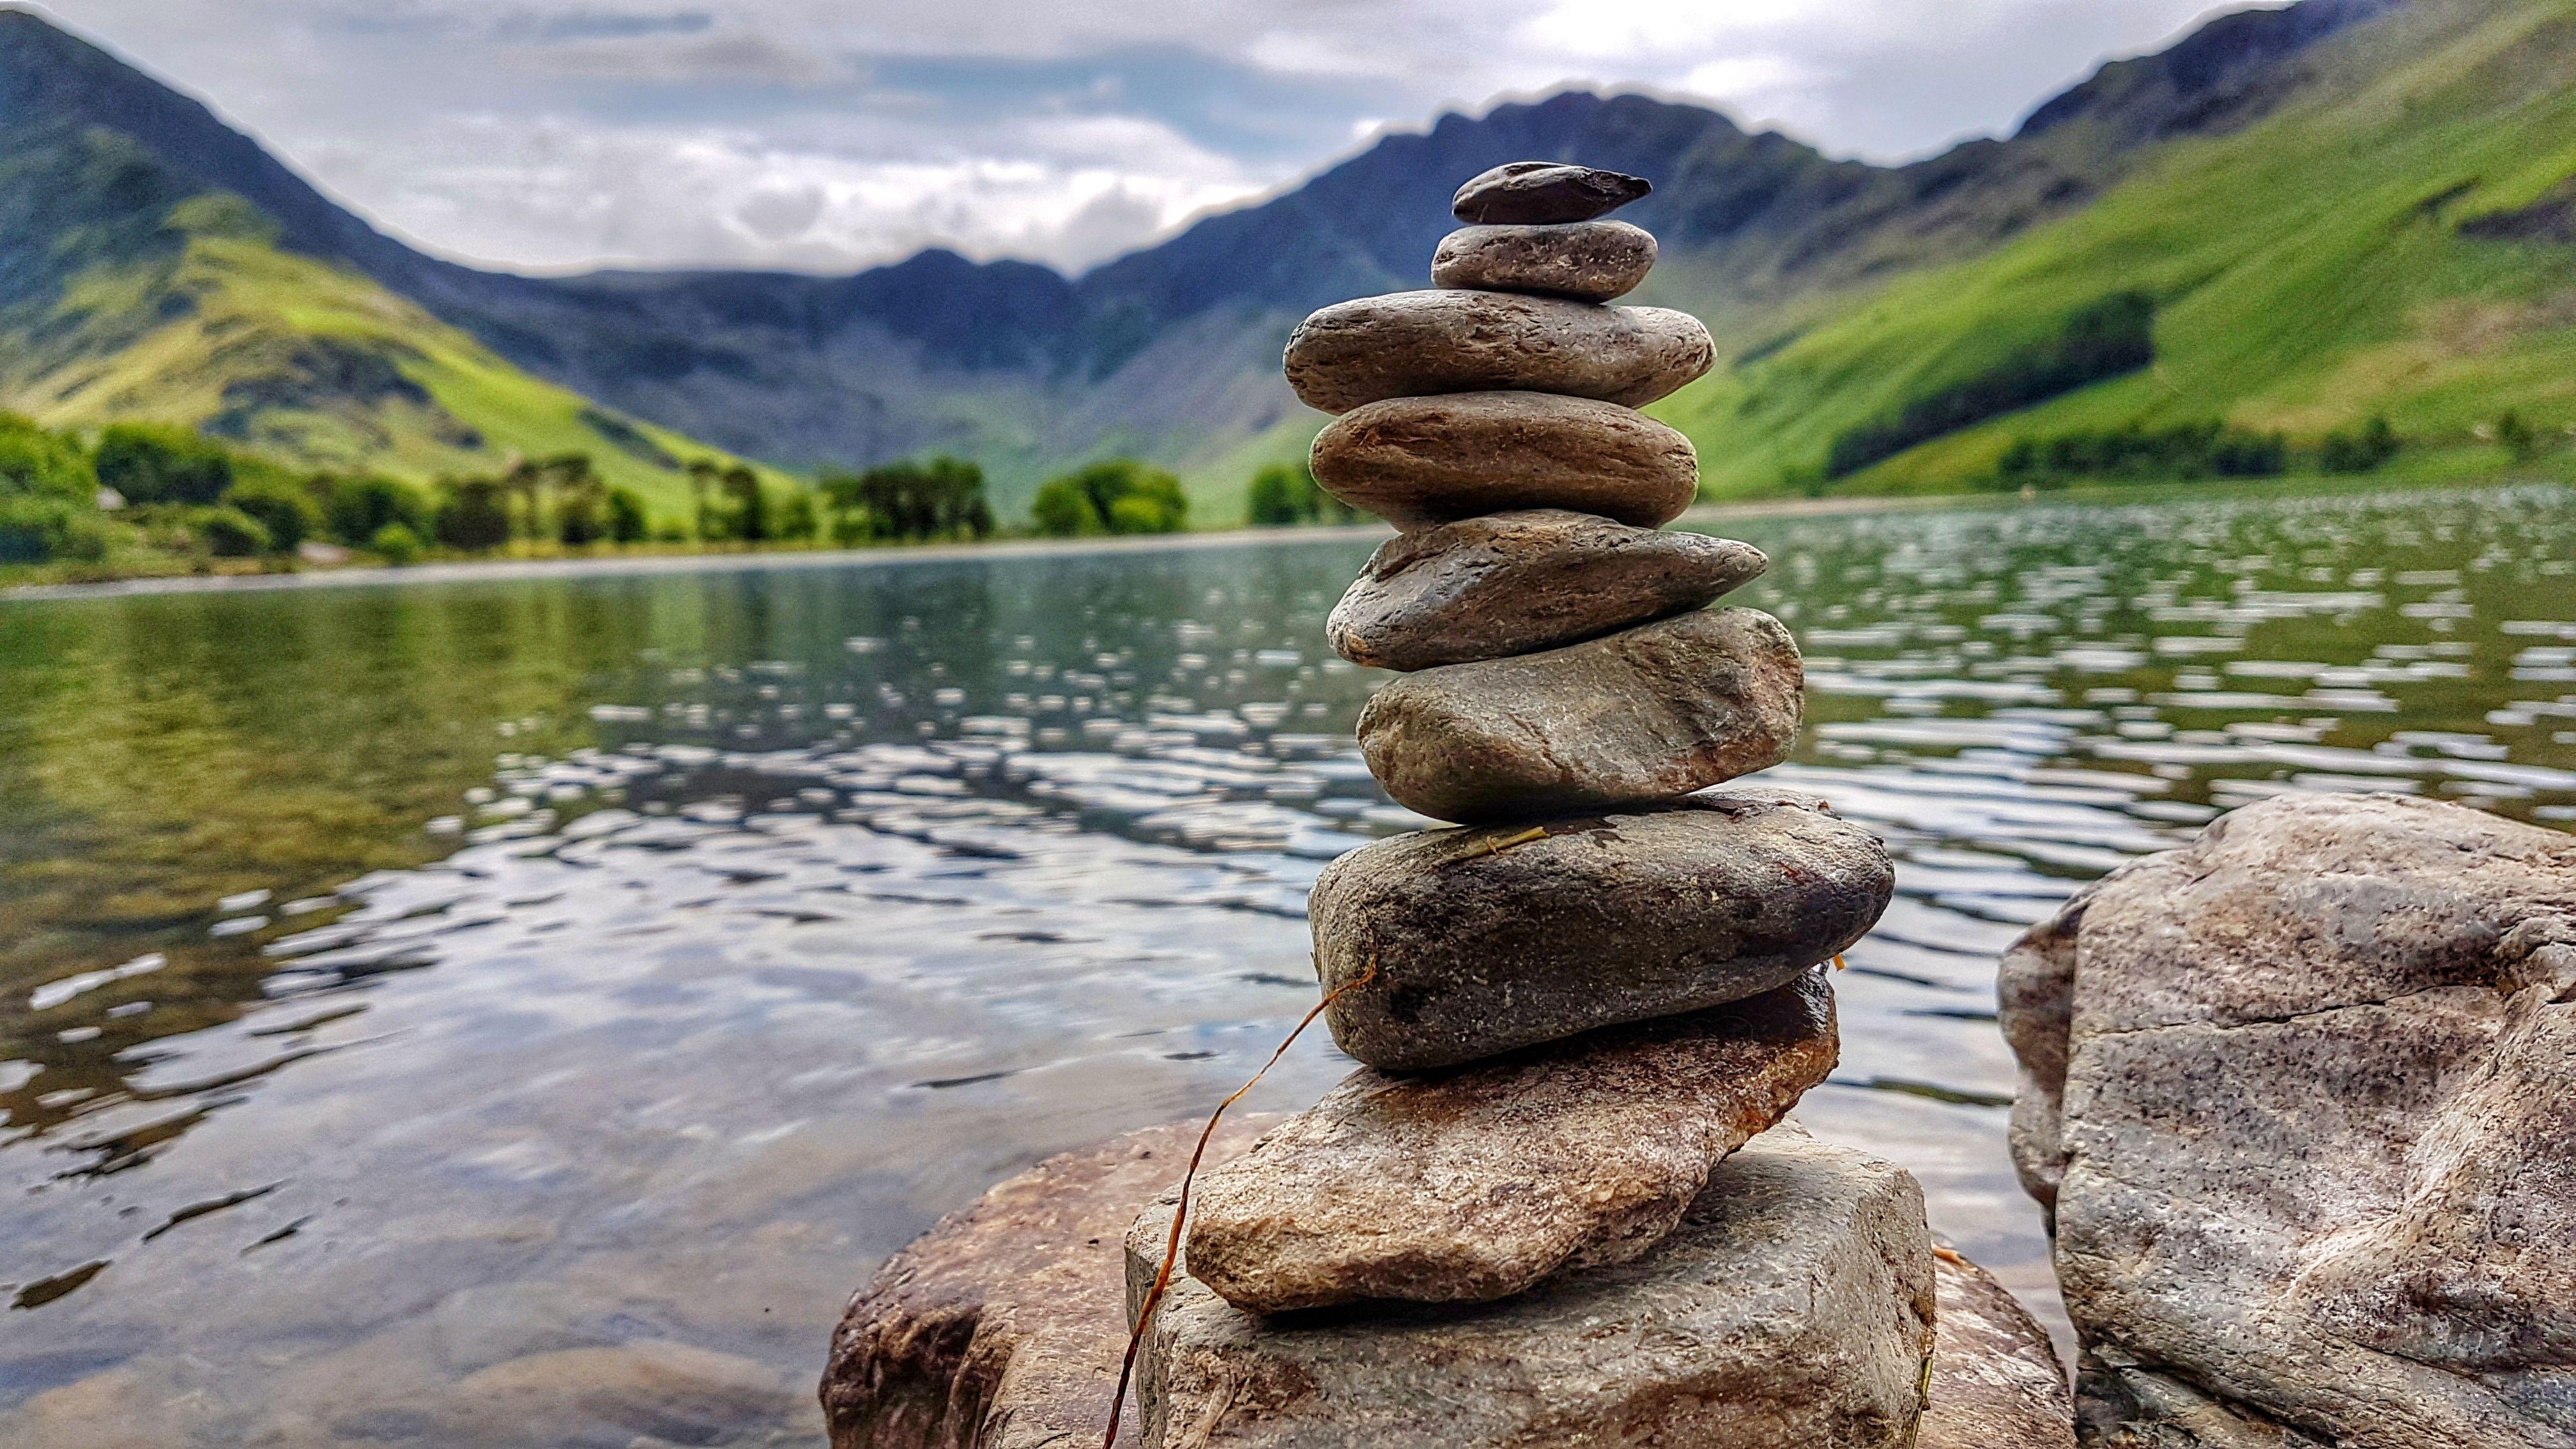 Lake District Uk (Photo Made By Lizzyengland)